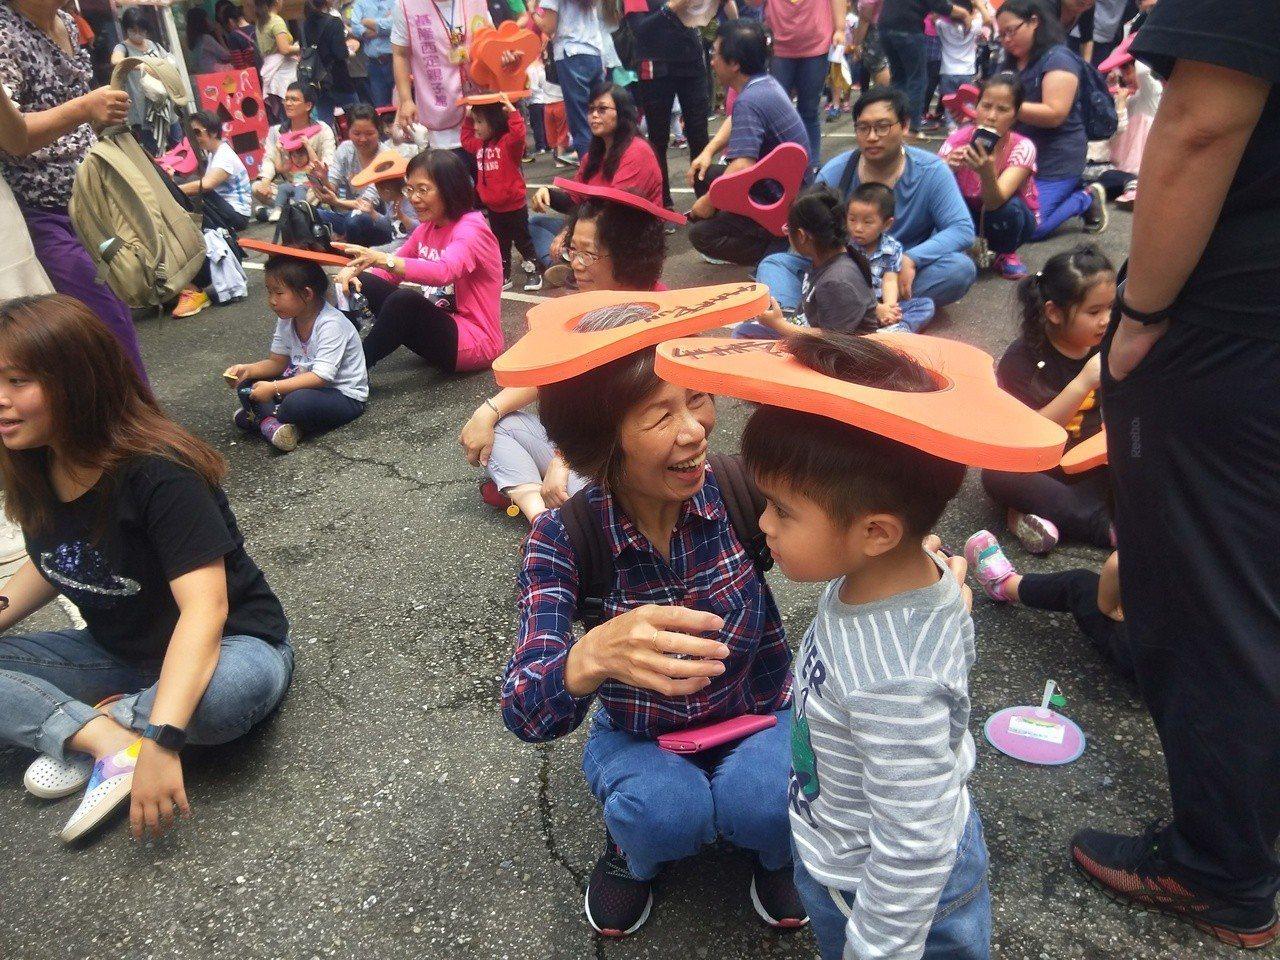 基隆市昨舉辦2019「嬤公孫憶童趣」聯合同樂會。 記者游明煌/攝影